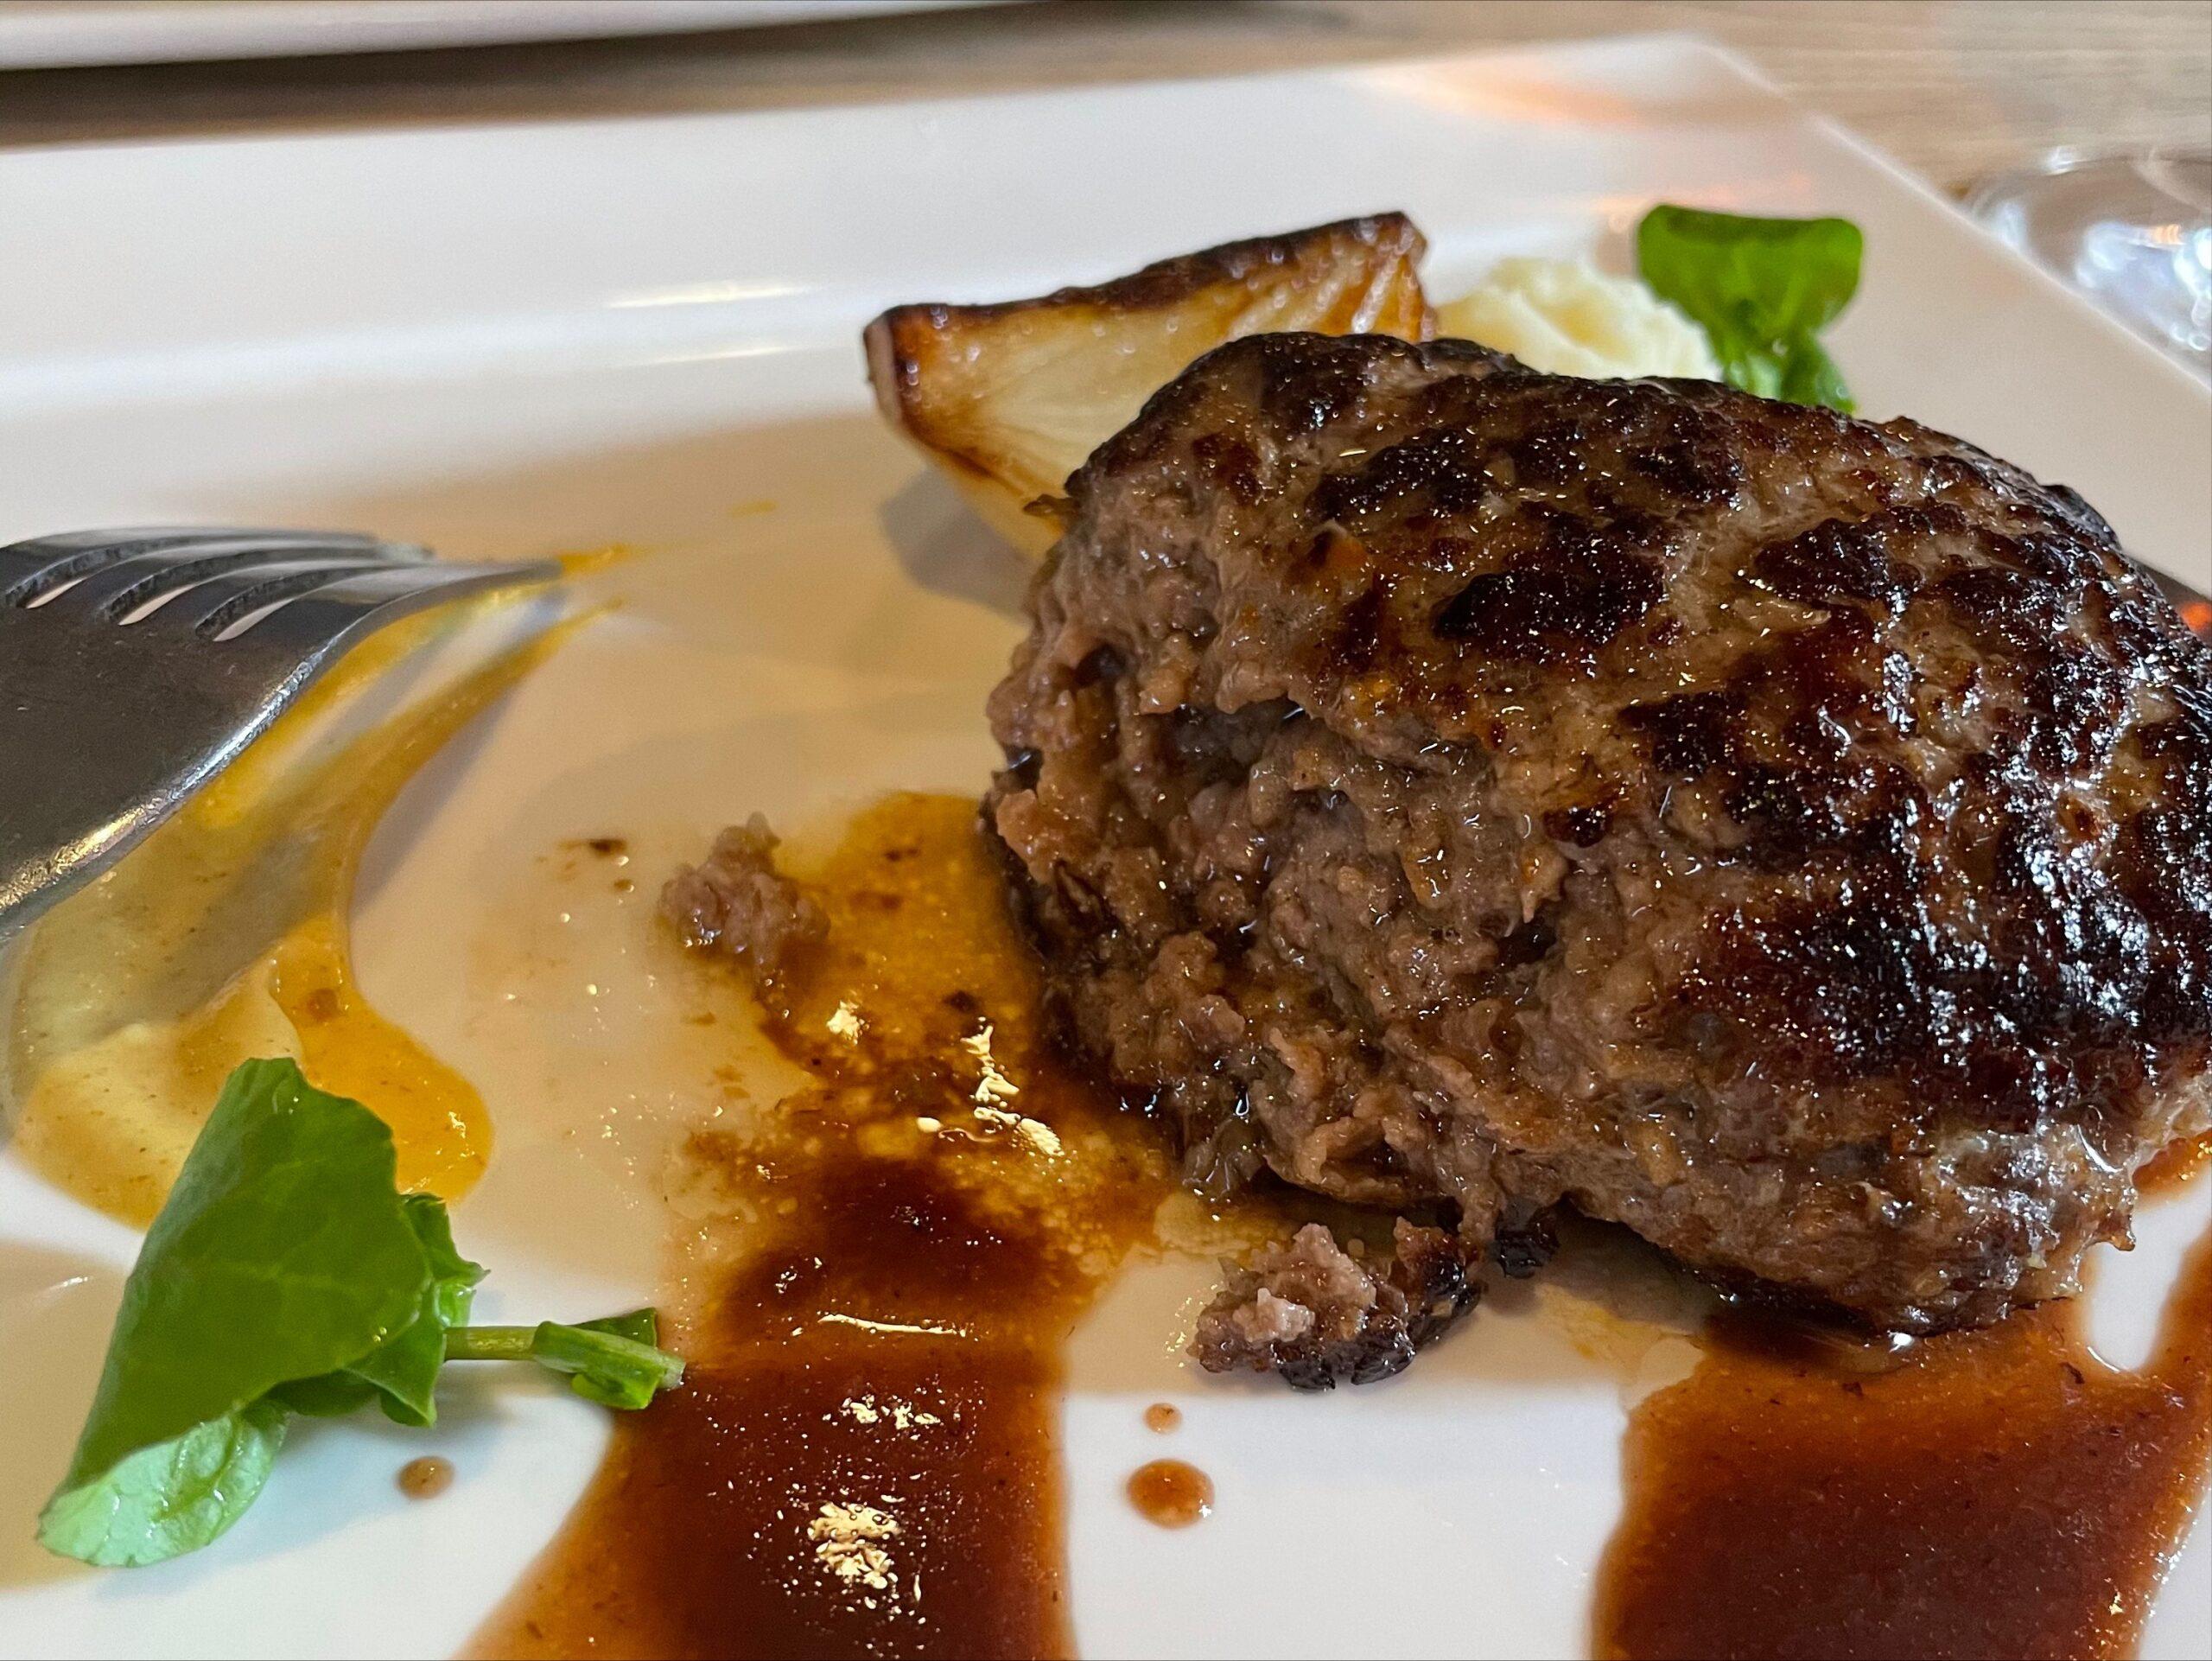 予約困難!?松山市にある「イルバンコ」で「100%国産牛ハンバーグランチコース」を食べてきました!